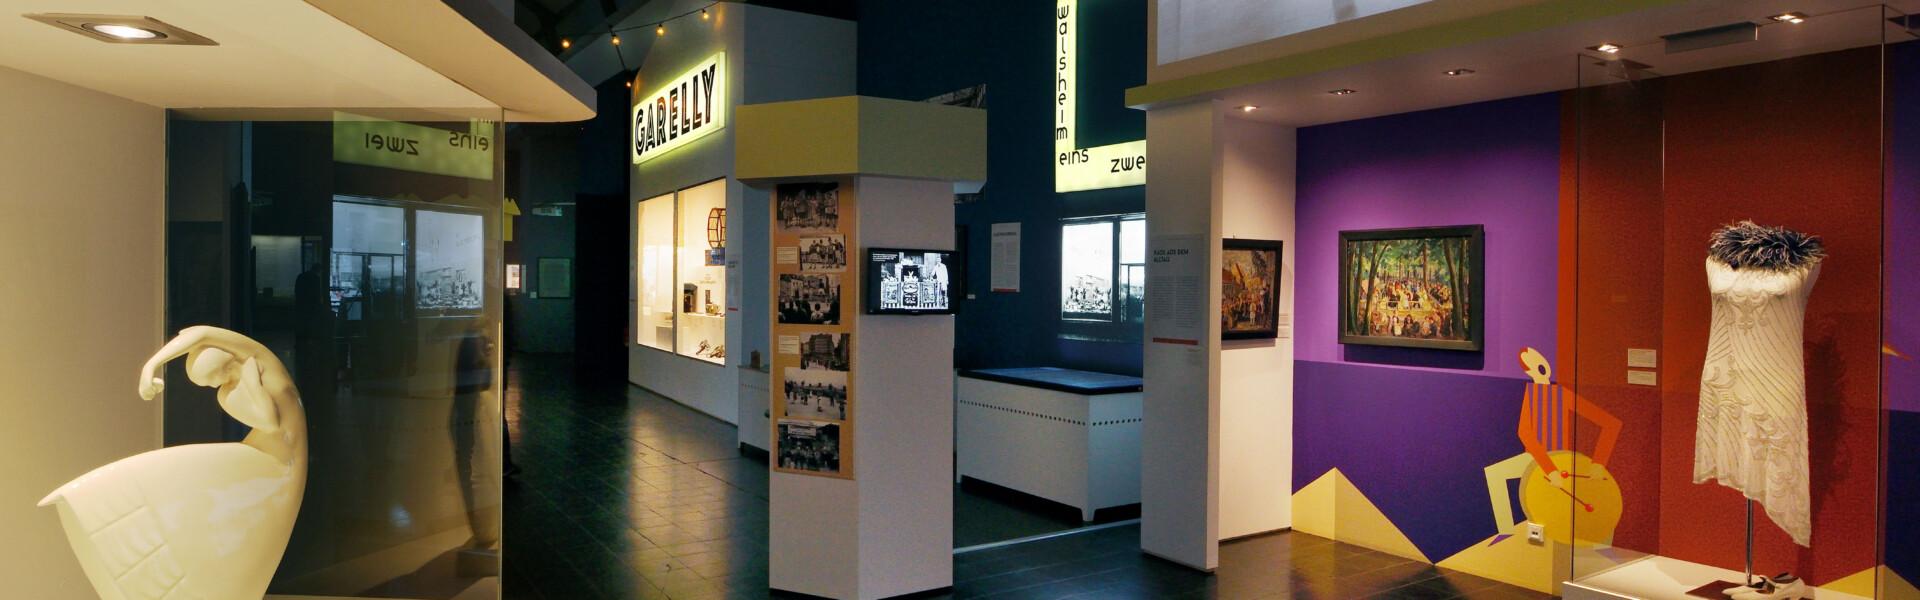 Ausstellung im Nachtmodus © Historisches Museum Saar, Thomas Roessler